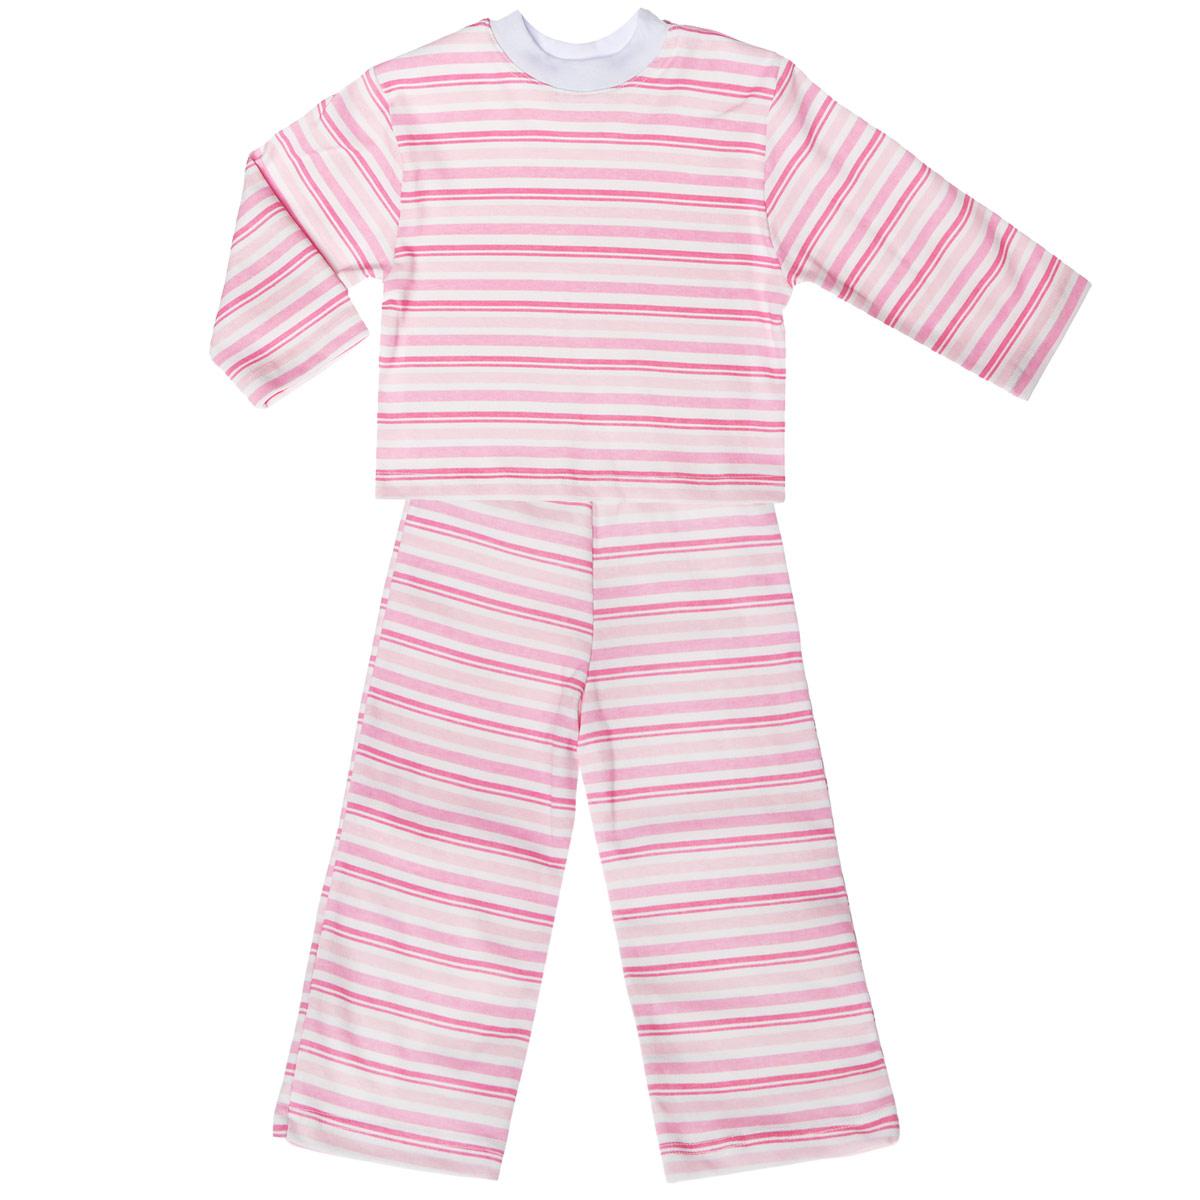 Пижама детская Трон-плюс, цвет: розовый, белый. 5584_полоска. Размер 86/92, 2-3 года5584_полоскаУютная детская пижама Трон-плюс, состоящая из джемпера и брюк, идеально подойдет вашему ребенку и станет отличным дополнением к детскому гардеробу. Изготовленная из натурального хлопка, она необычайно мягкая и легкая, не сковывает движения, позволяет коже дышать и не раздражает даже самую нежную и чувствительную кожу ребенка. Джемпер с длинными рукавами и круглым вырезом горловины оформлен принтом в полоску. Вырез горловины дополнен трикотажной эластичной резинкой. Брюки на талии имеют эластичную резинку, благодаря чему не сдавливают живот ребенка и не сползают. Оформлены брючки также принтом в полоску. В такой пижаме ваш ребенок будет чувствовать себя комфортно и уютно во время сна.